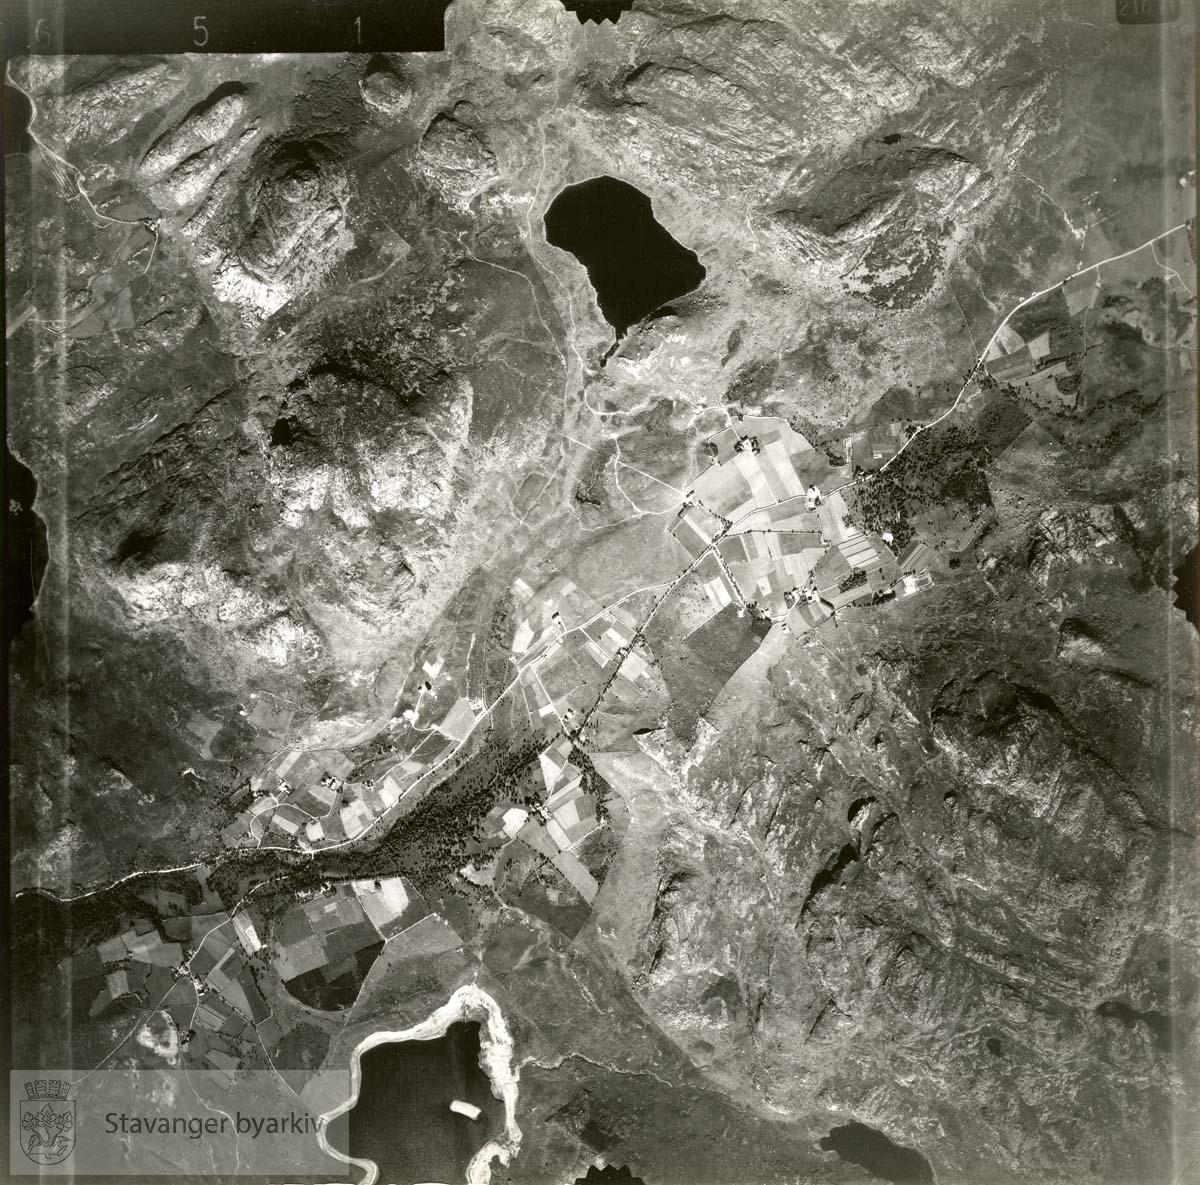 Jfr. kart/fotoplan I12/651..Skjelbreitjørna, Skjelbrei, Levang, Skrussfjellet, Duelifjellet, Nordlandstjørna..Se ByStW_Uca_002 (kan lastes ned under fanen for kart på Stavangerbilder)